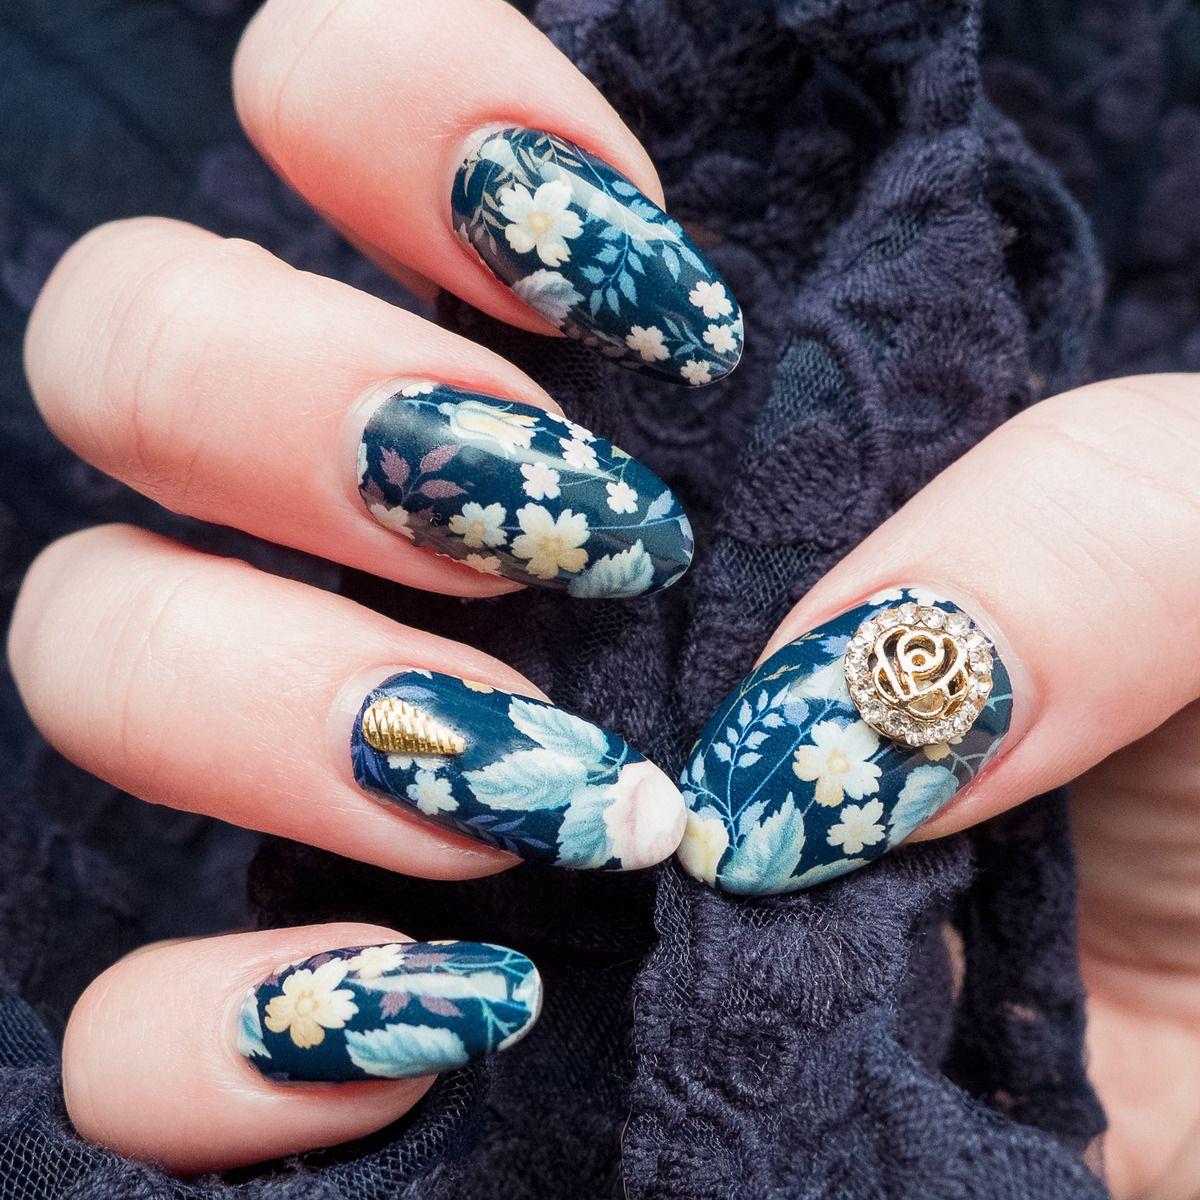 blue dahlia nail wrap design by appliq